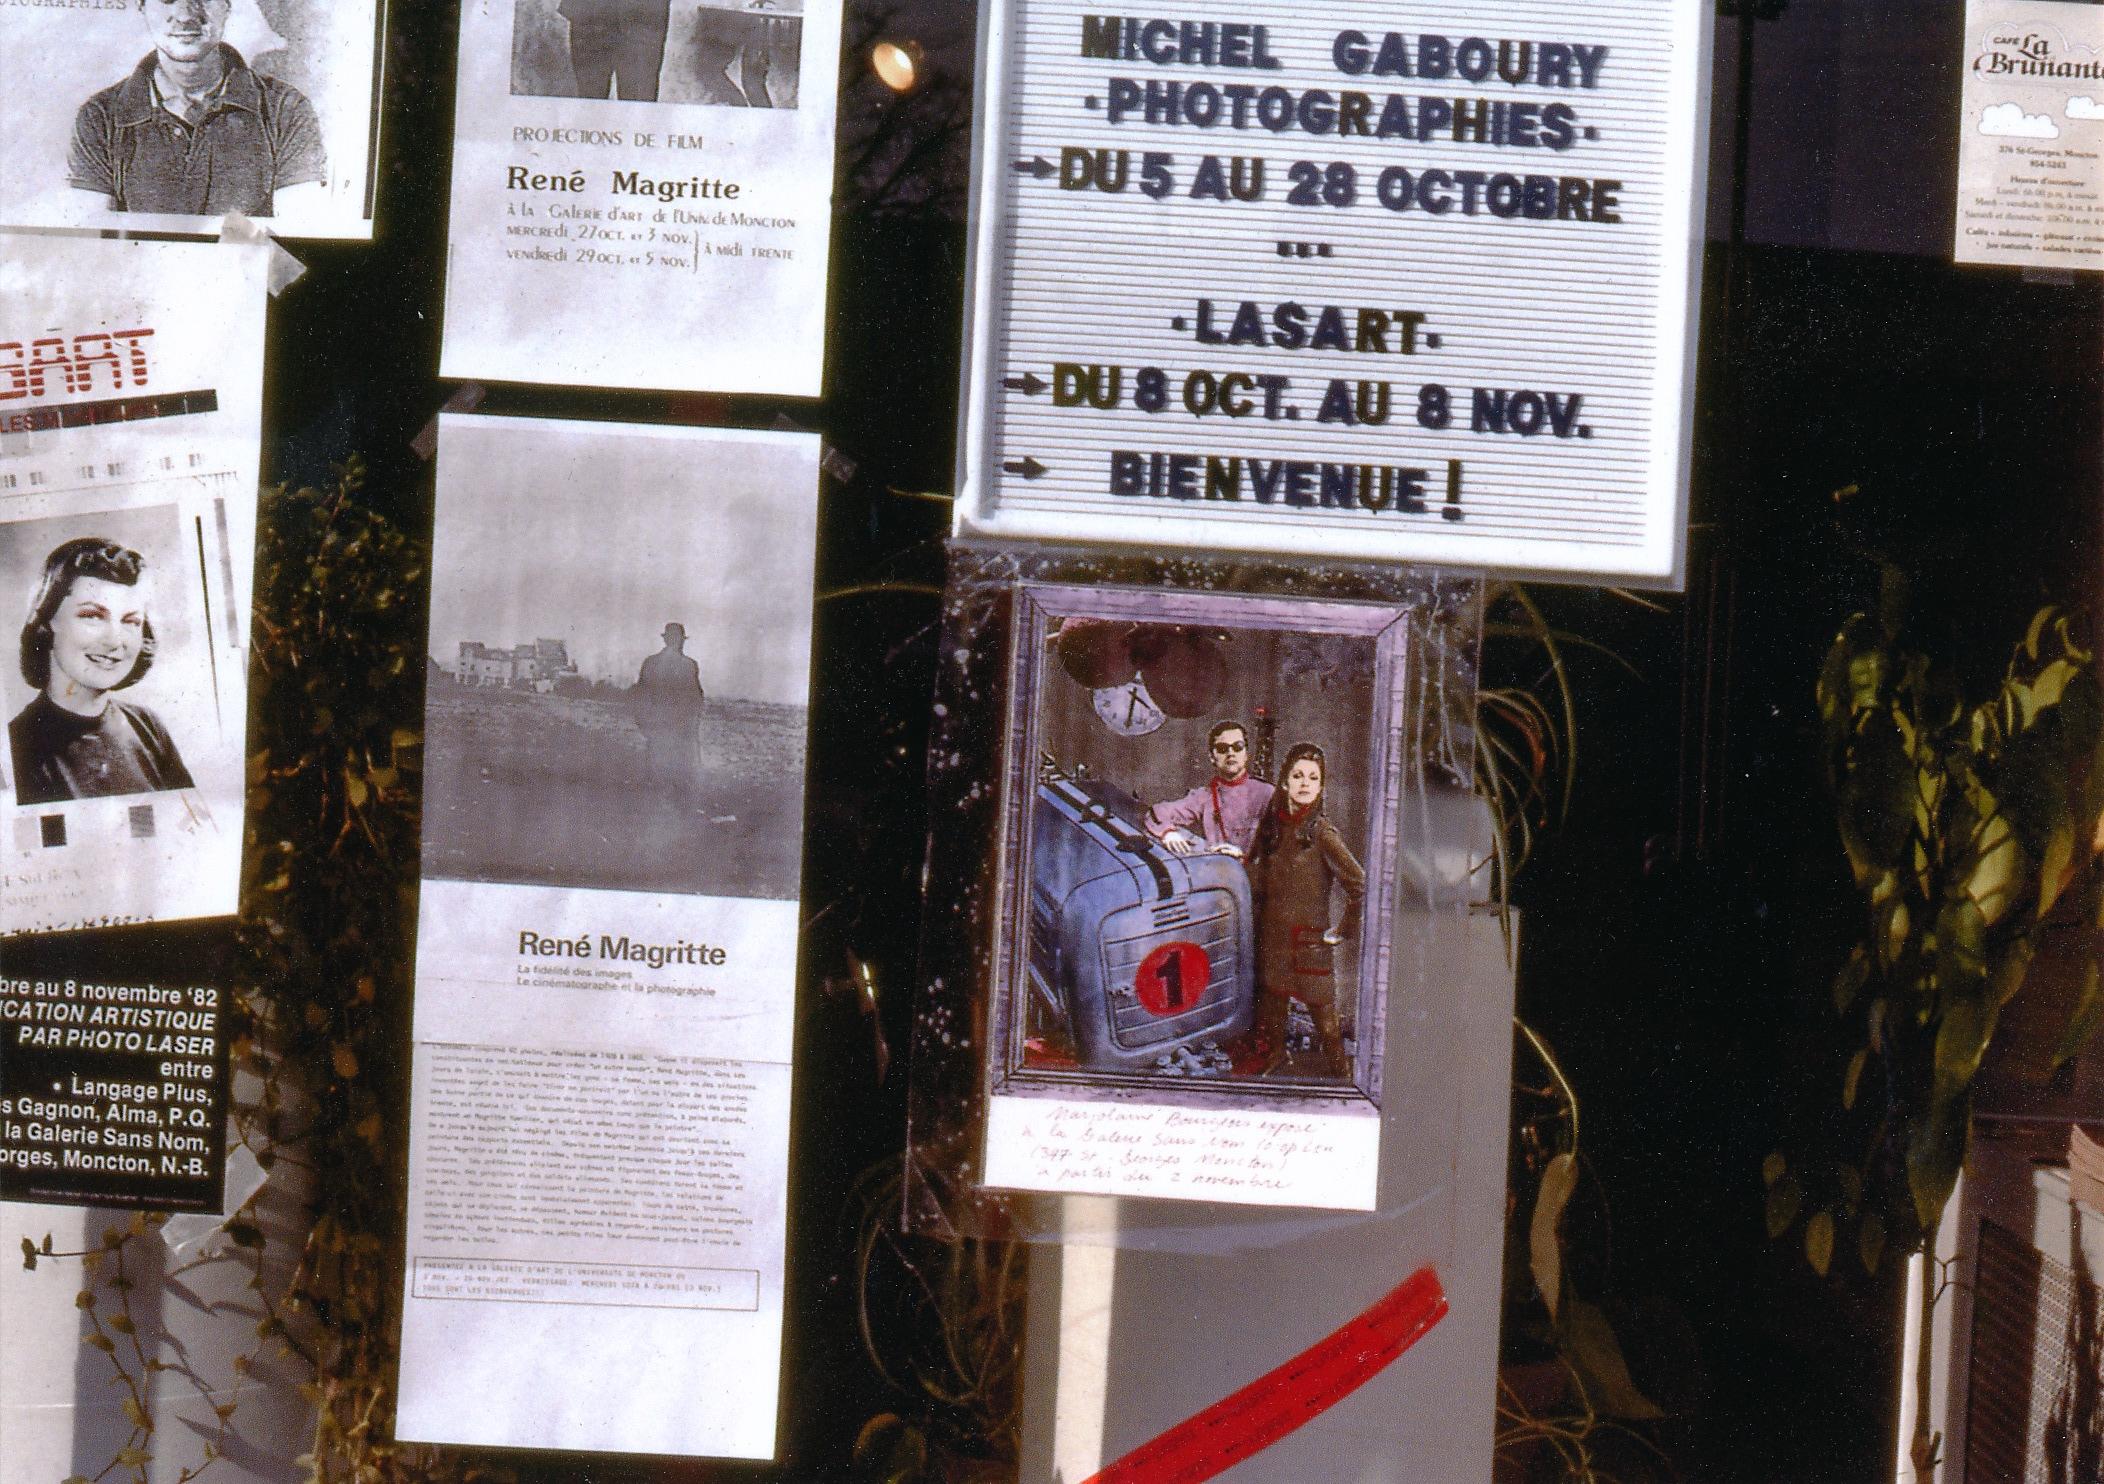 Vitrine de la Galerie Sans Nom, 347 rue St-George,Octobre/Novembre 1982.